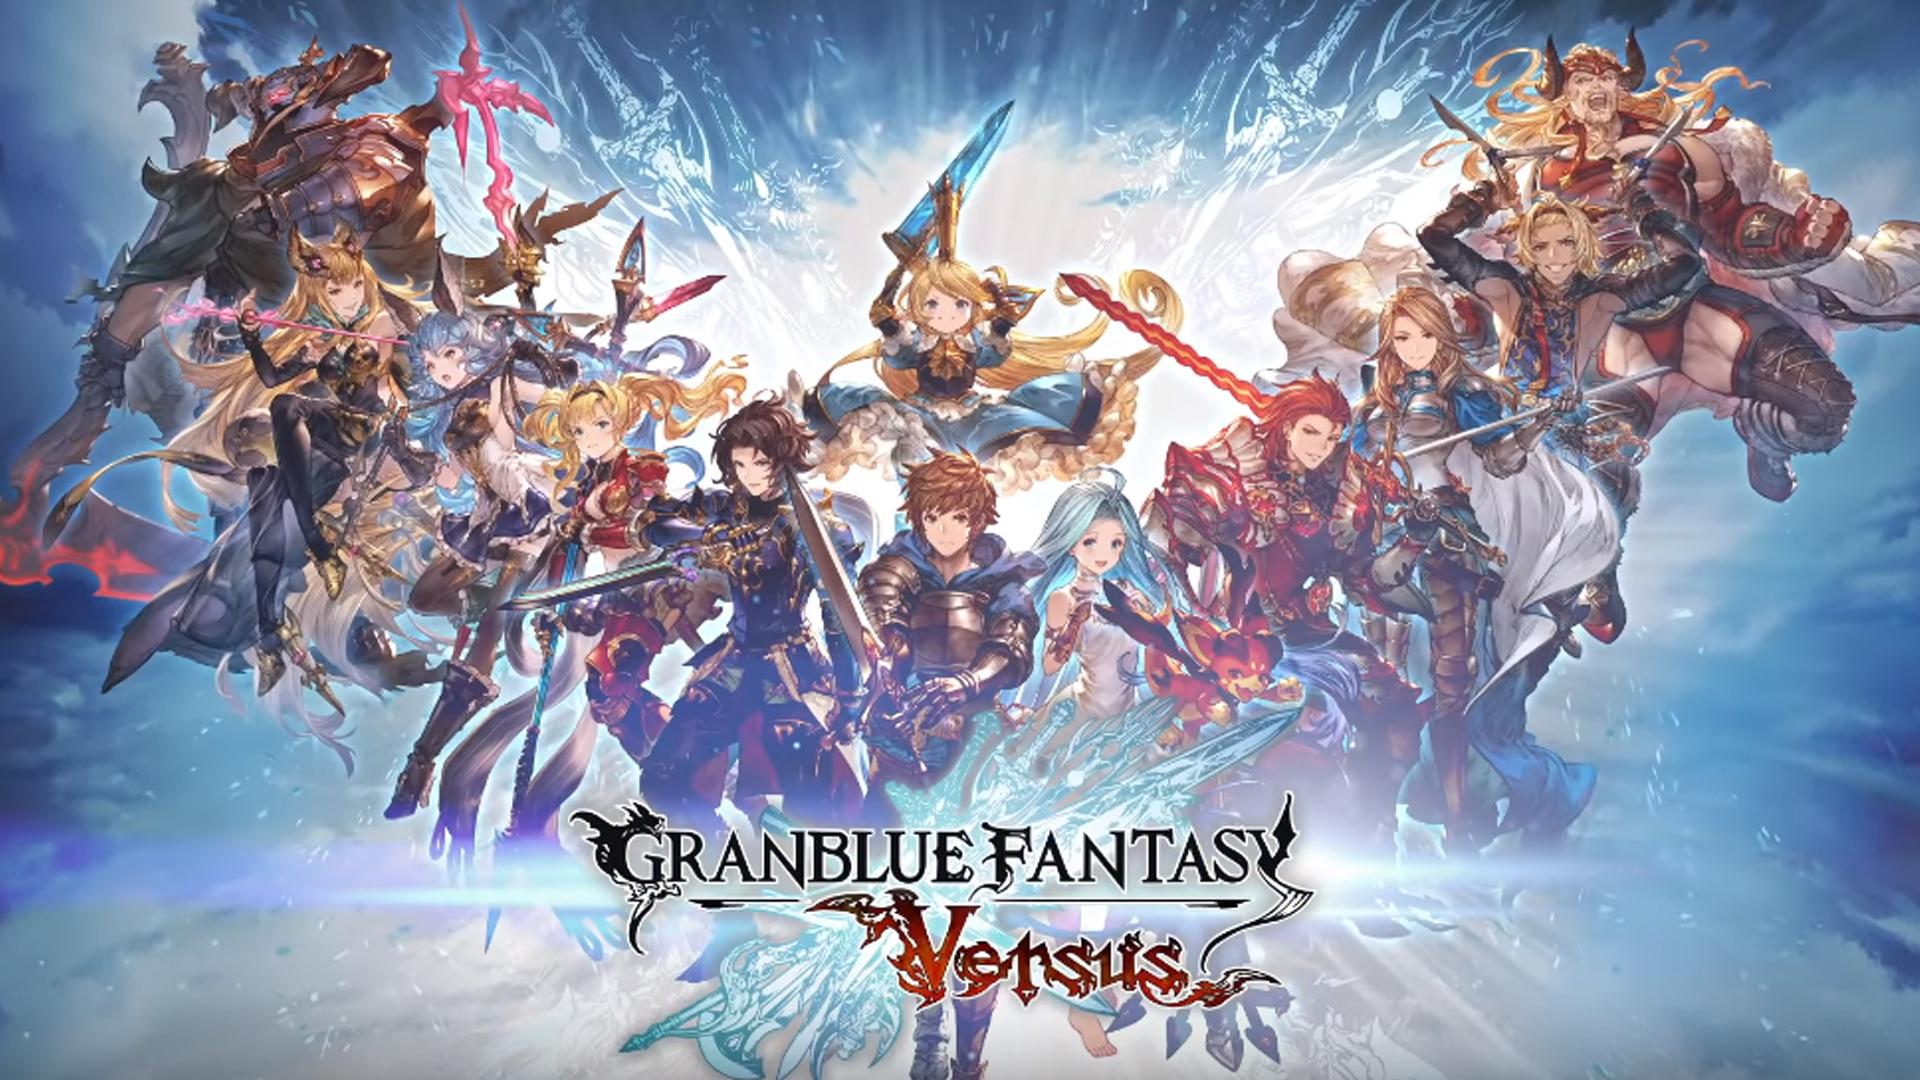 Granblue Fantasy Versus 1212020 1